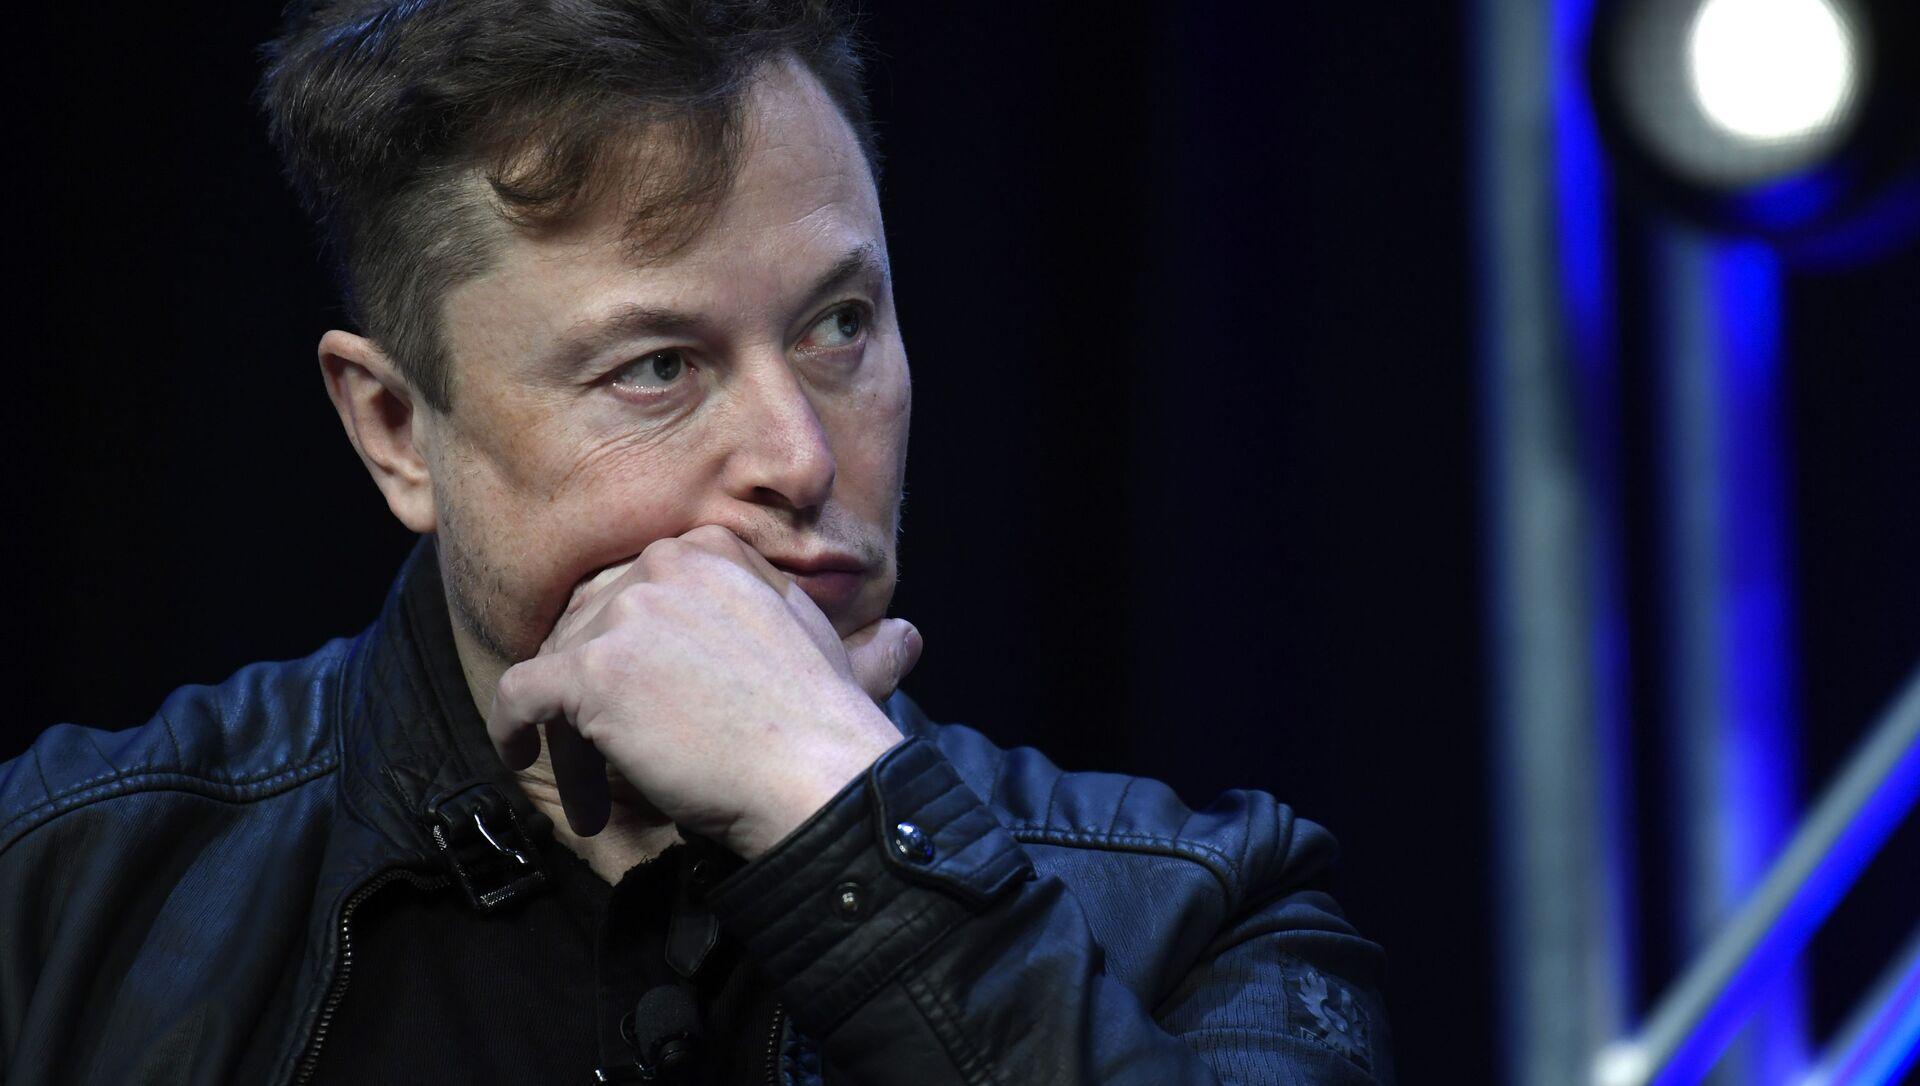 Amerykański przedsiębiorca, wynalazca, inżynier i miliarder Elon Musk - Sputnik Polska, 1920, 10.03.2021